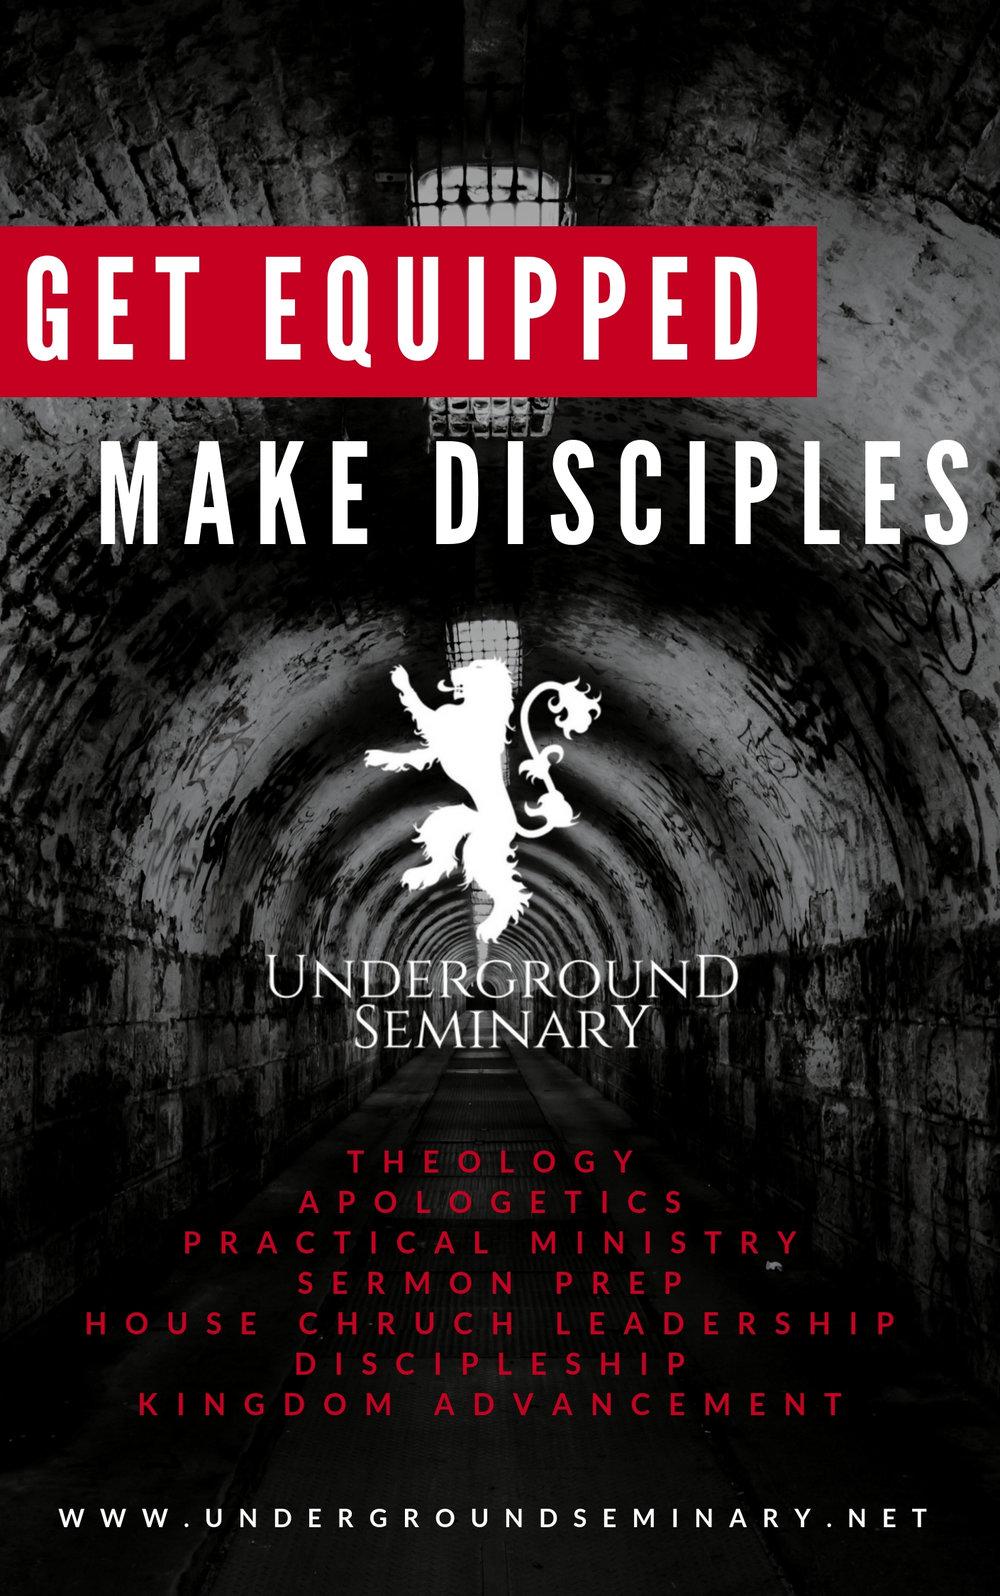 Underground Seminary (1).jpg